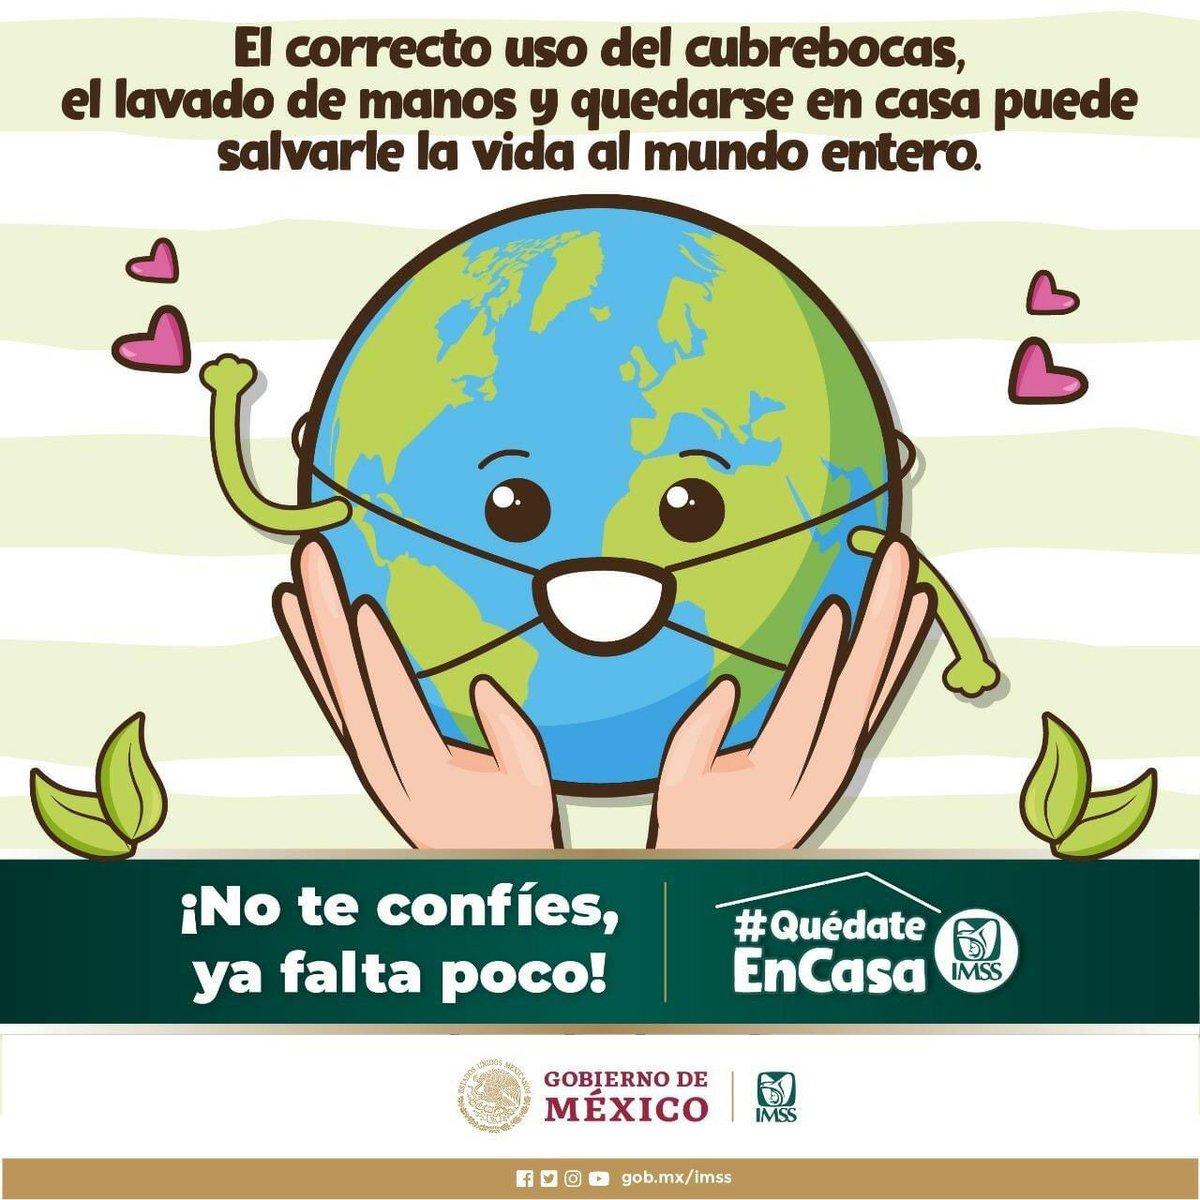 El correcto uso del cubrebocas, el lavado de manos y quedarse en casa puede salvarle la vida al mundo entero.  #UsaCubrebocas #QuédateEnCasa #SanaDistancia #NoTeConfíes #COVID19